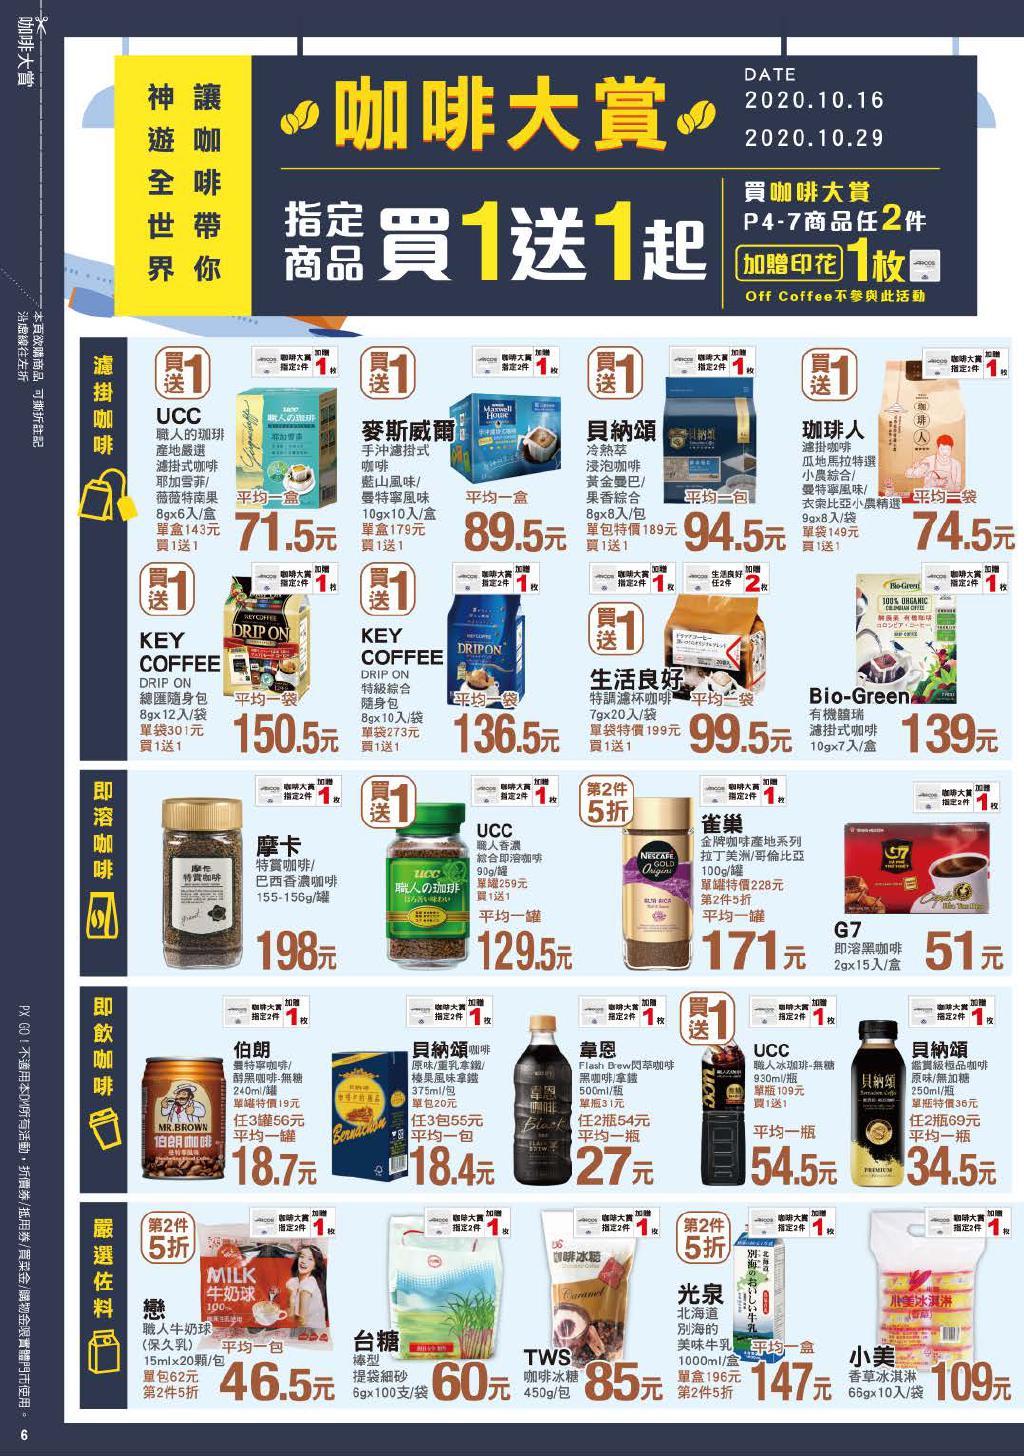 pxmart20201029_000006.jpg